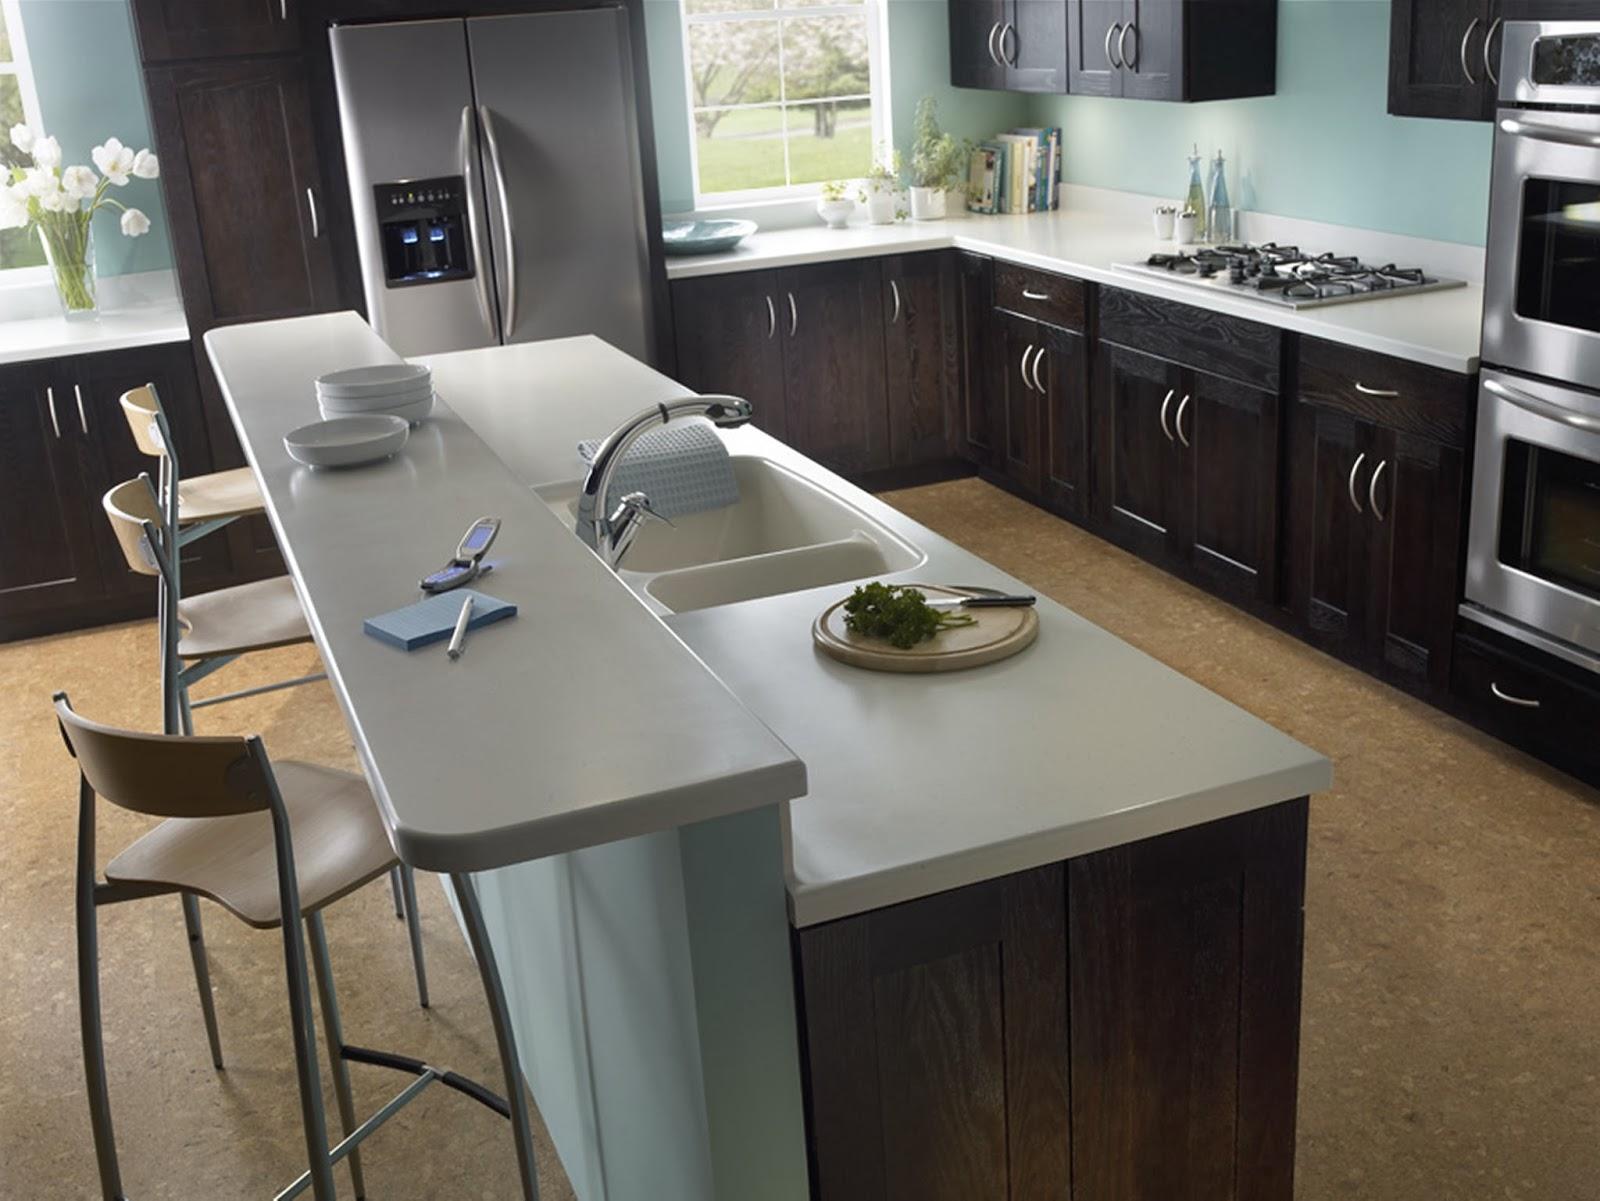 corian bancada de pia bancada de cozinha bancada de banheiro cozinha #837148 1600x1201 Bancada Banheiro Corian